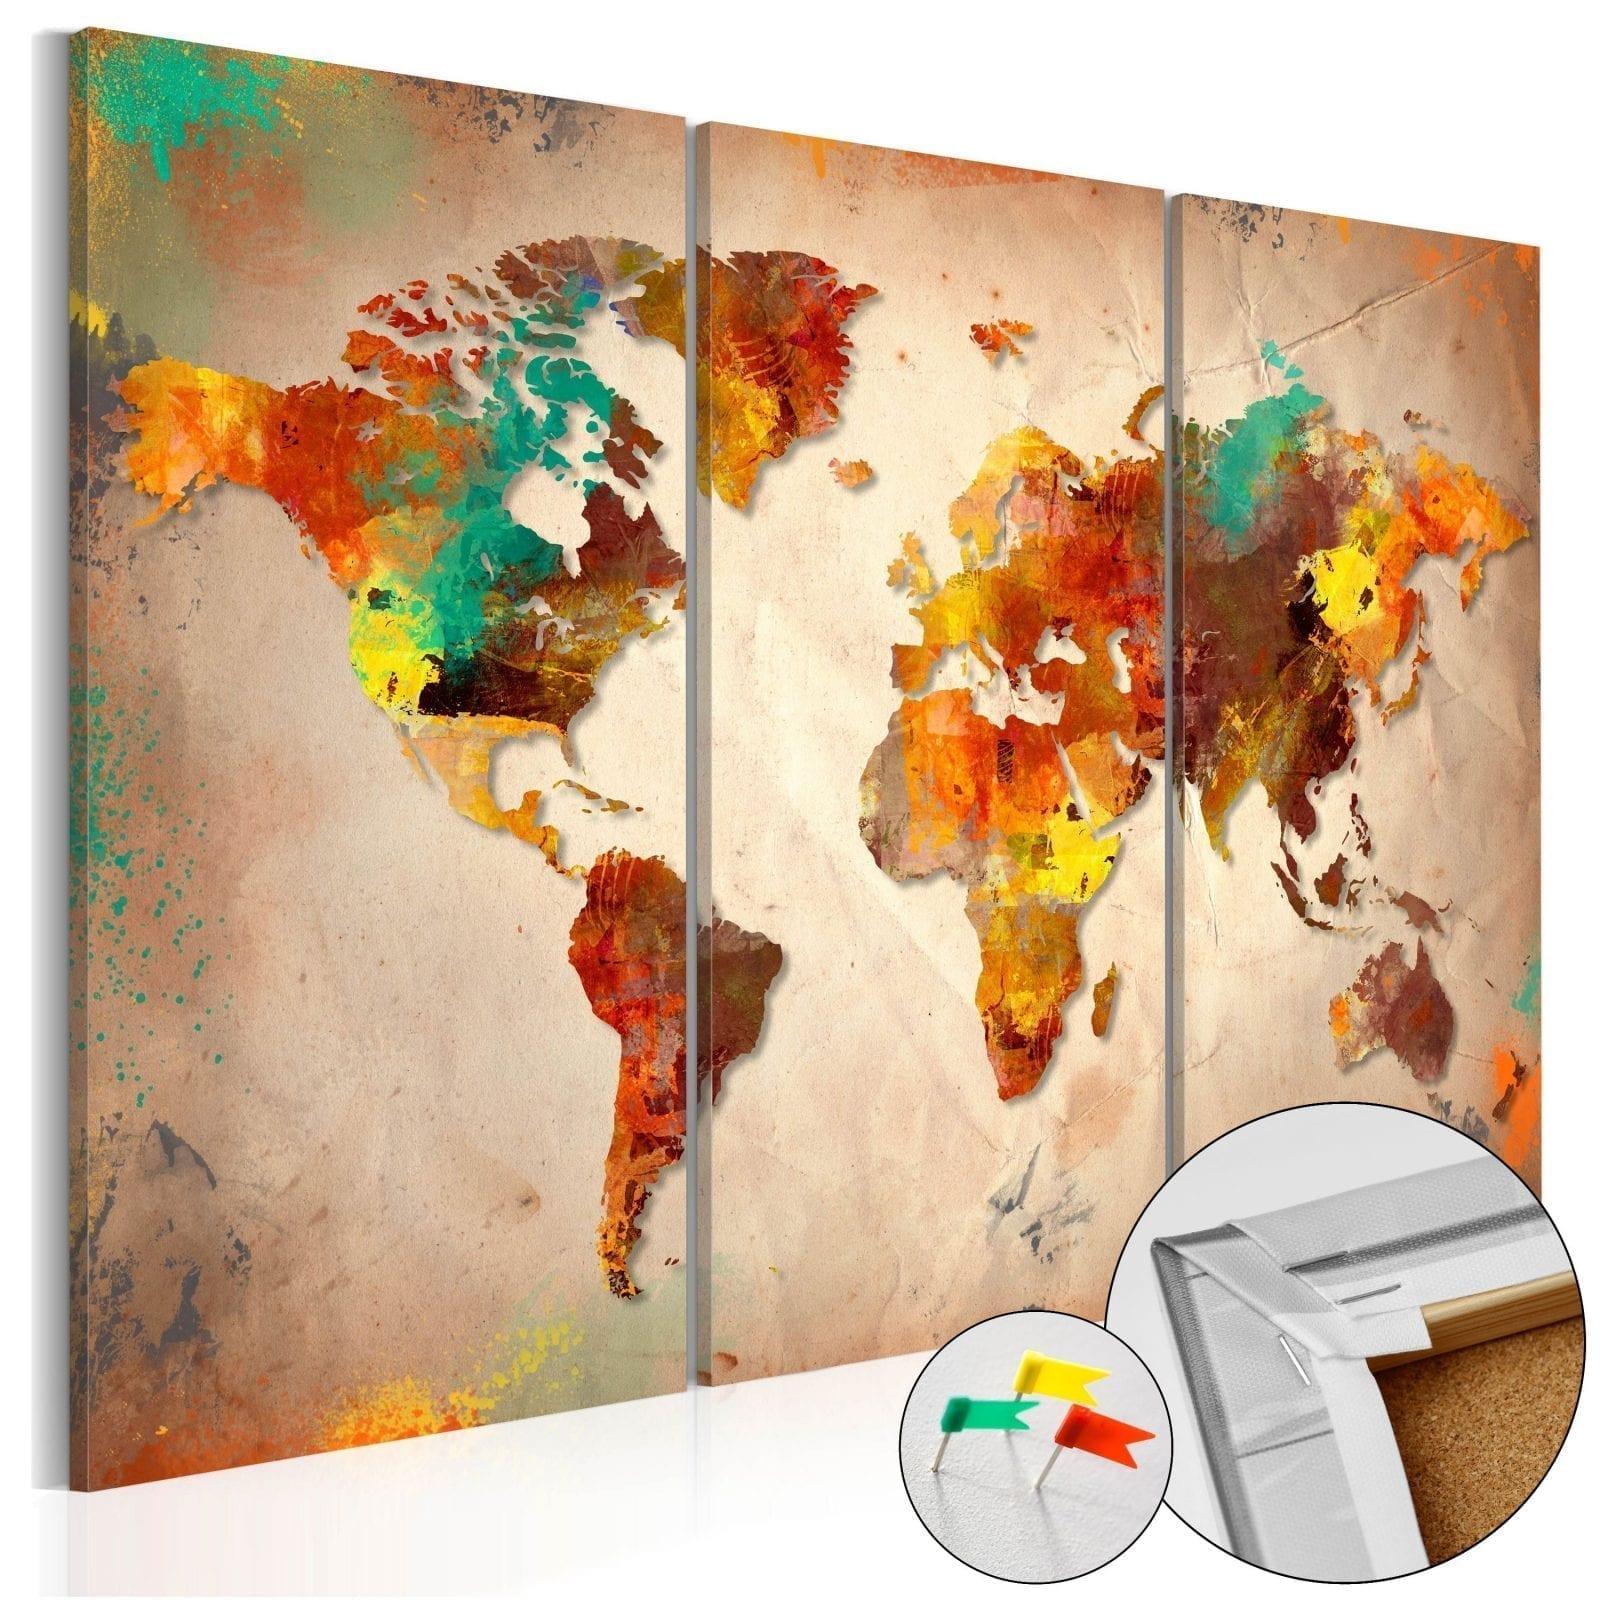 Tablero de corcho - Painted World 1 | Potspintura.com